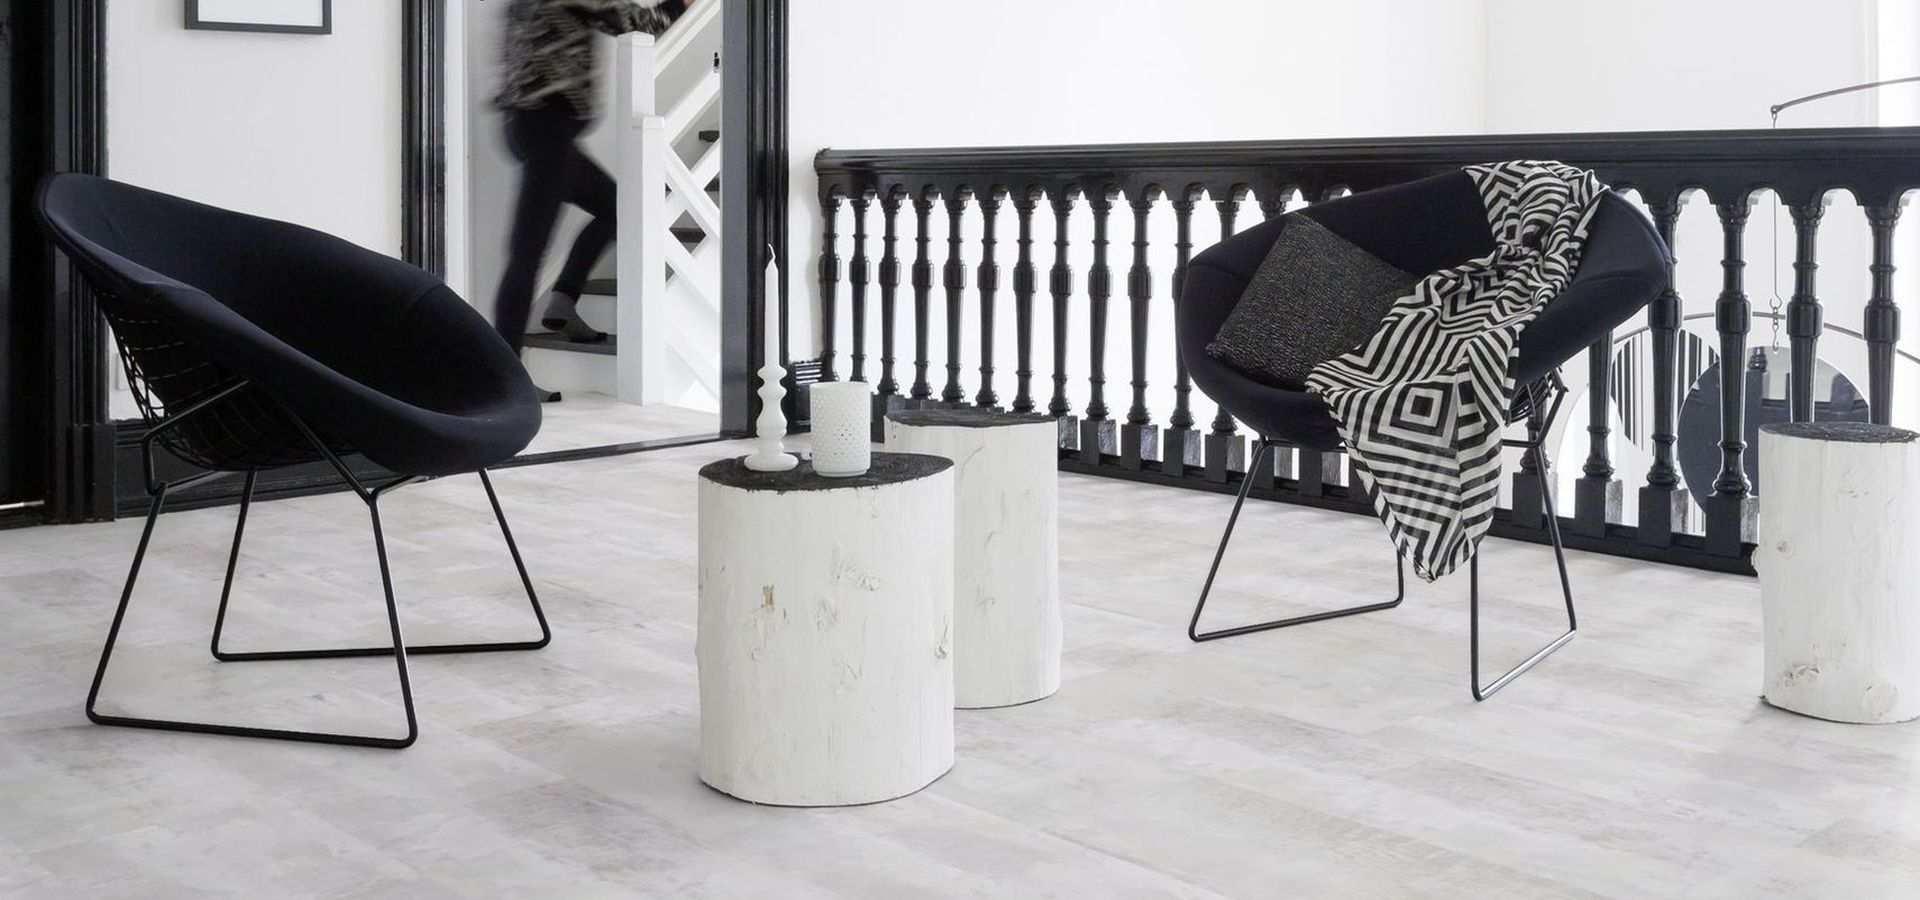 Bild Wohnen Designbelag Marmoroptik weiß Wohnzimmer